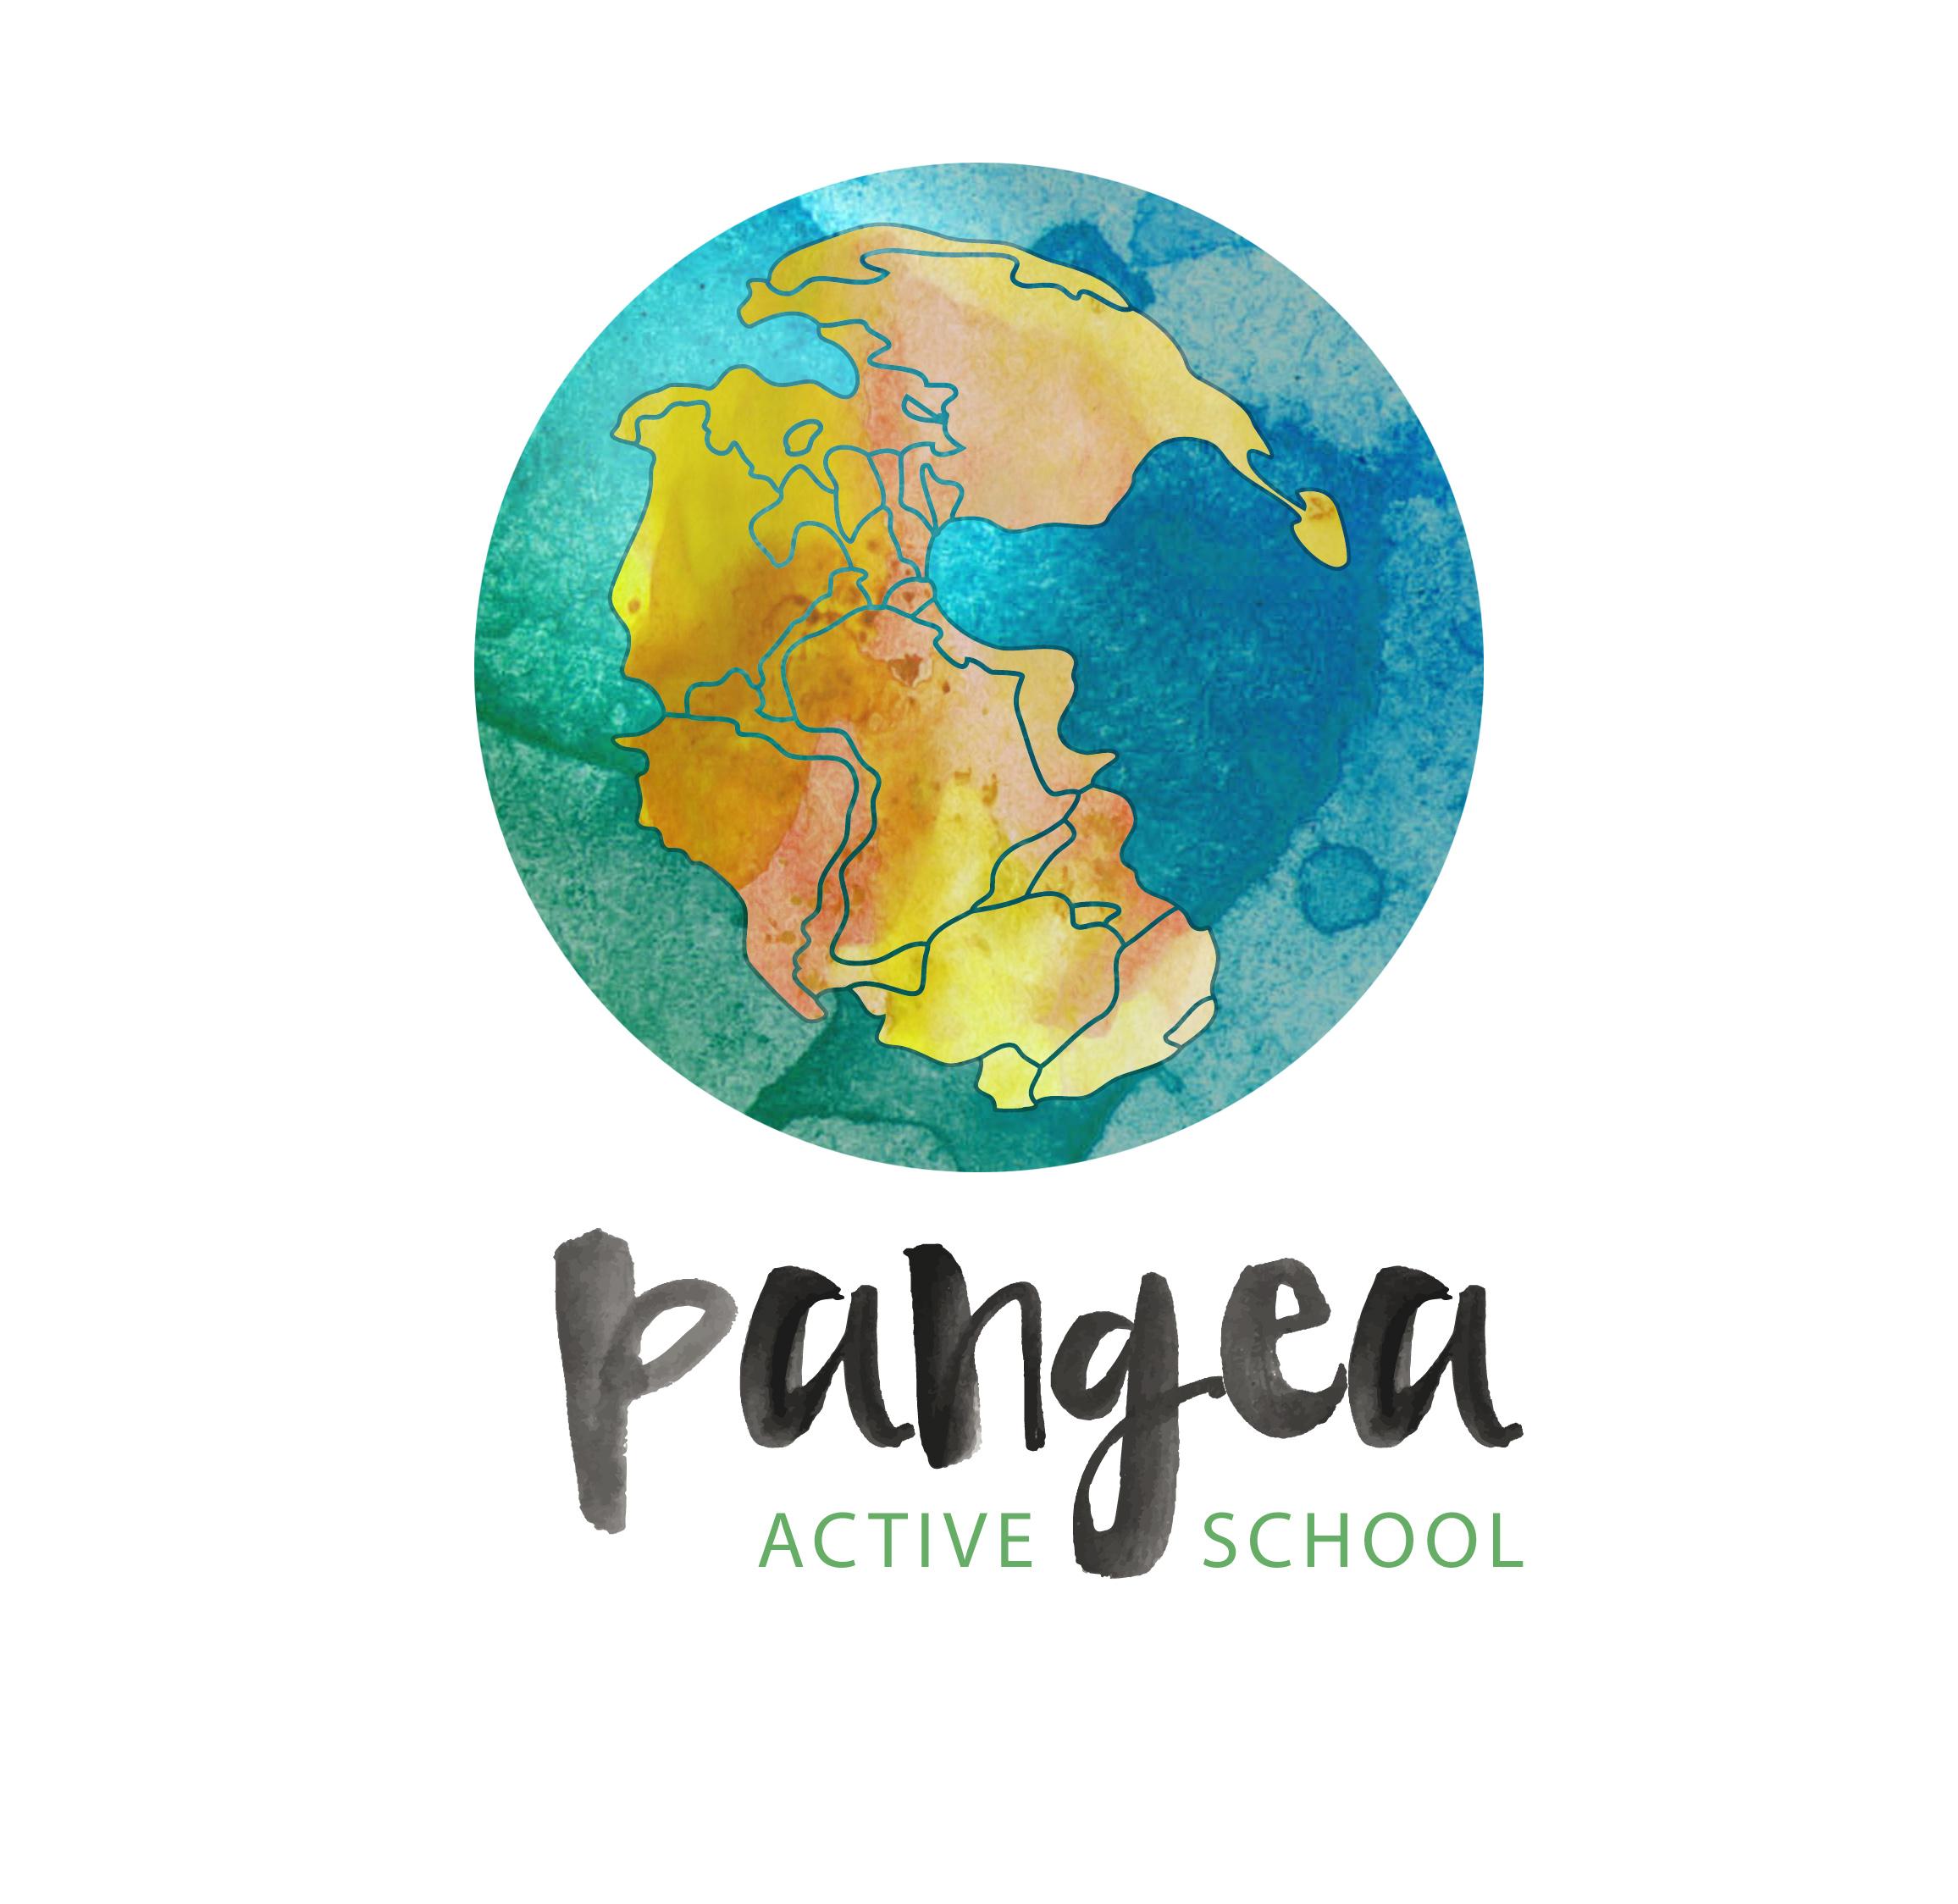 Pangea, Active School